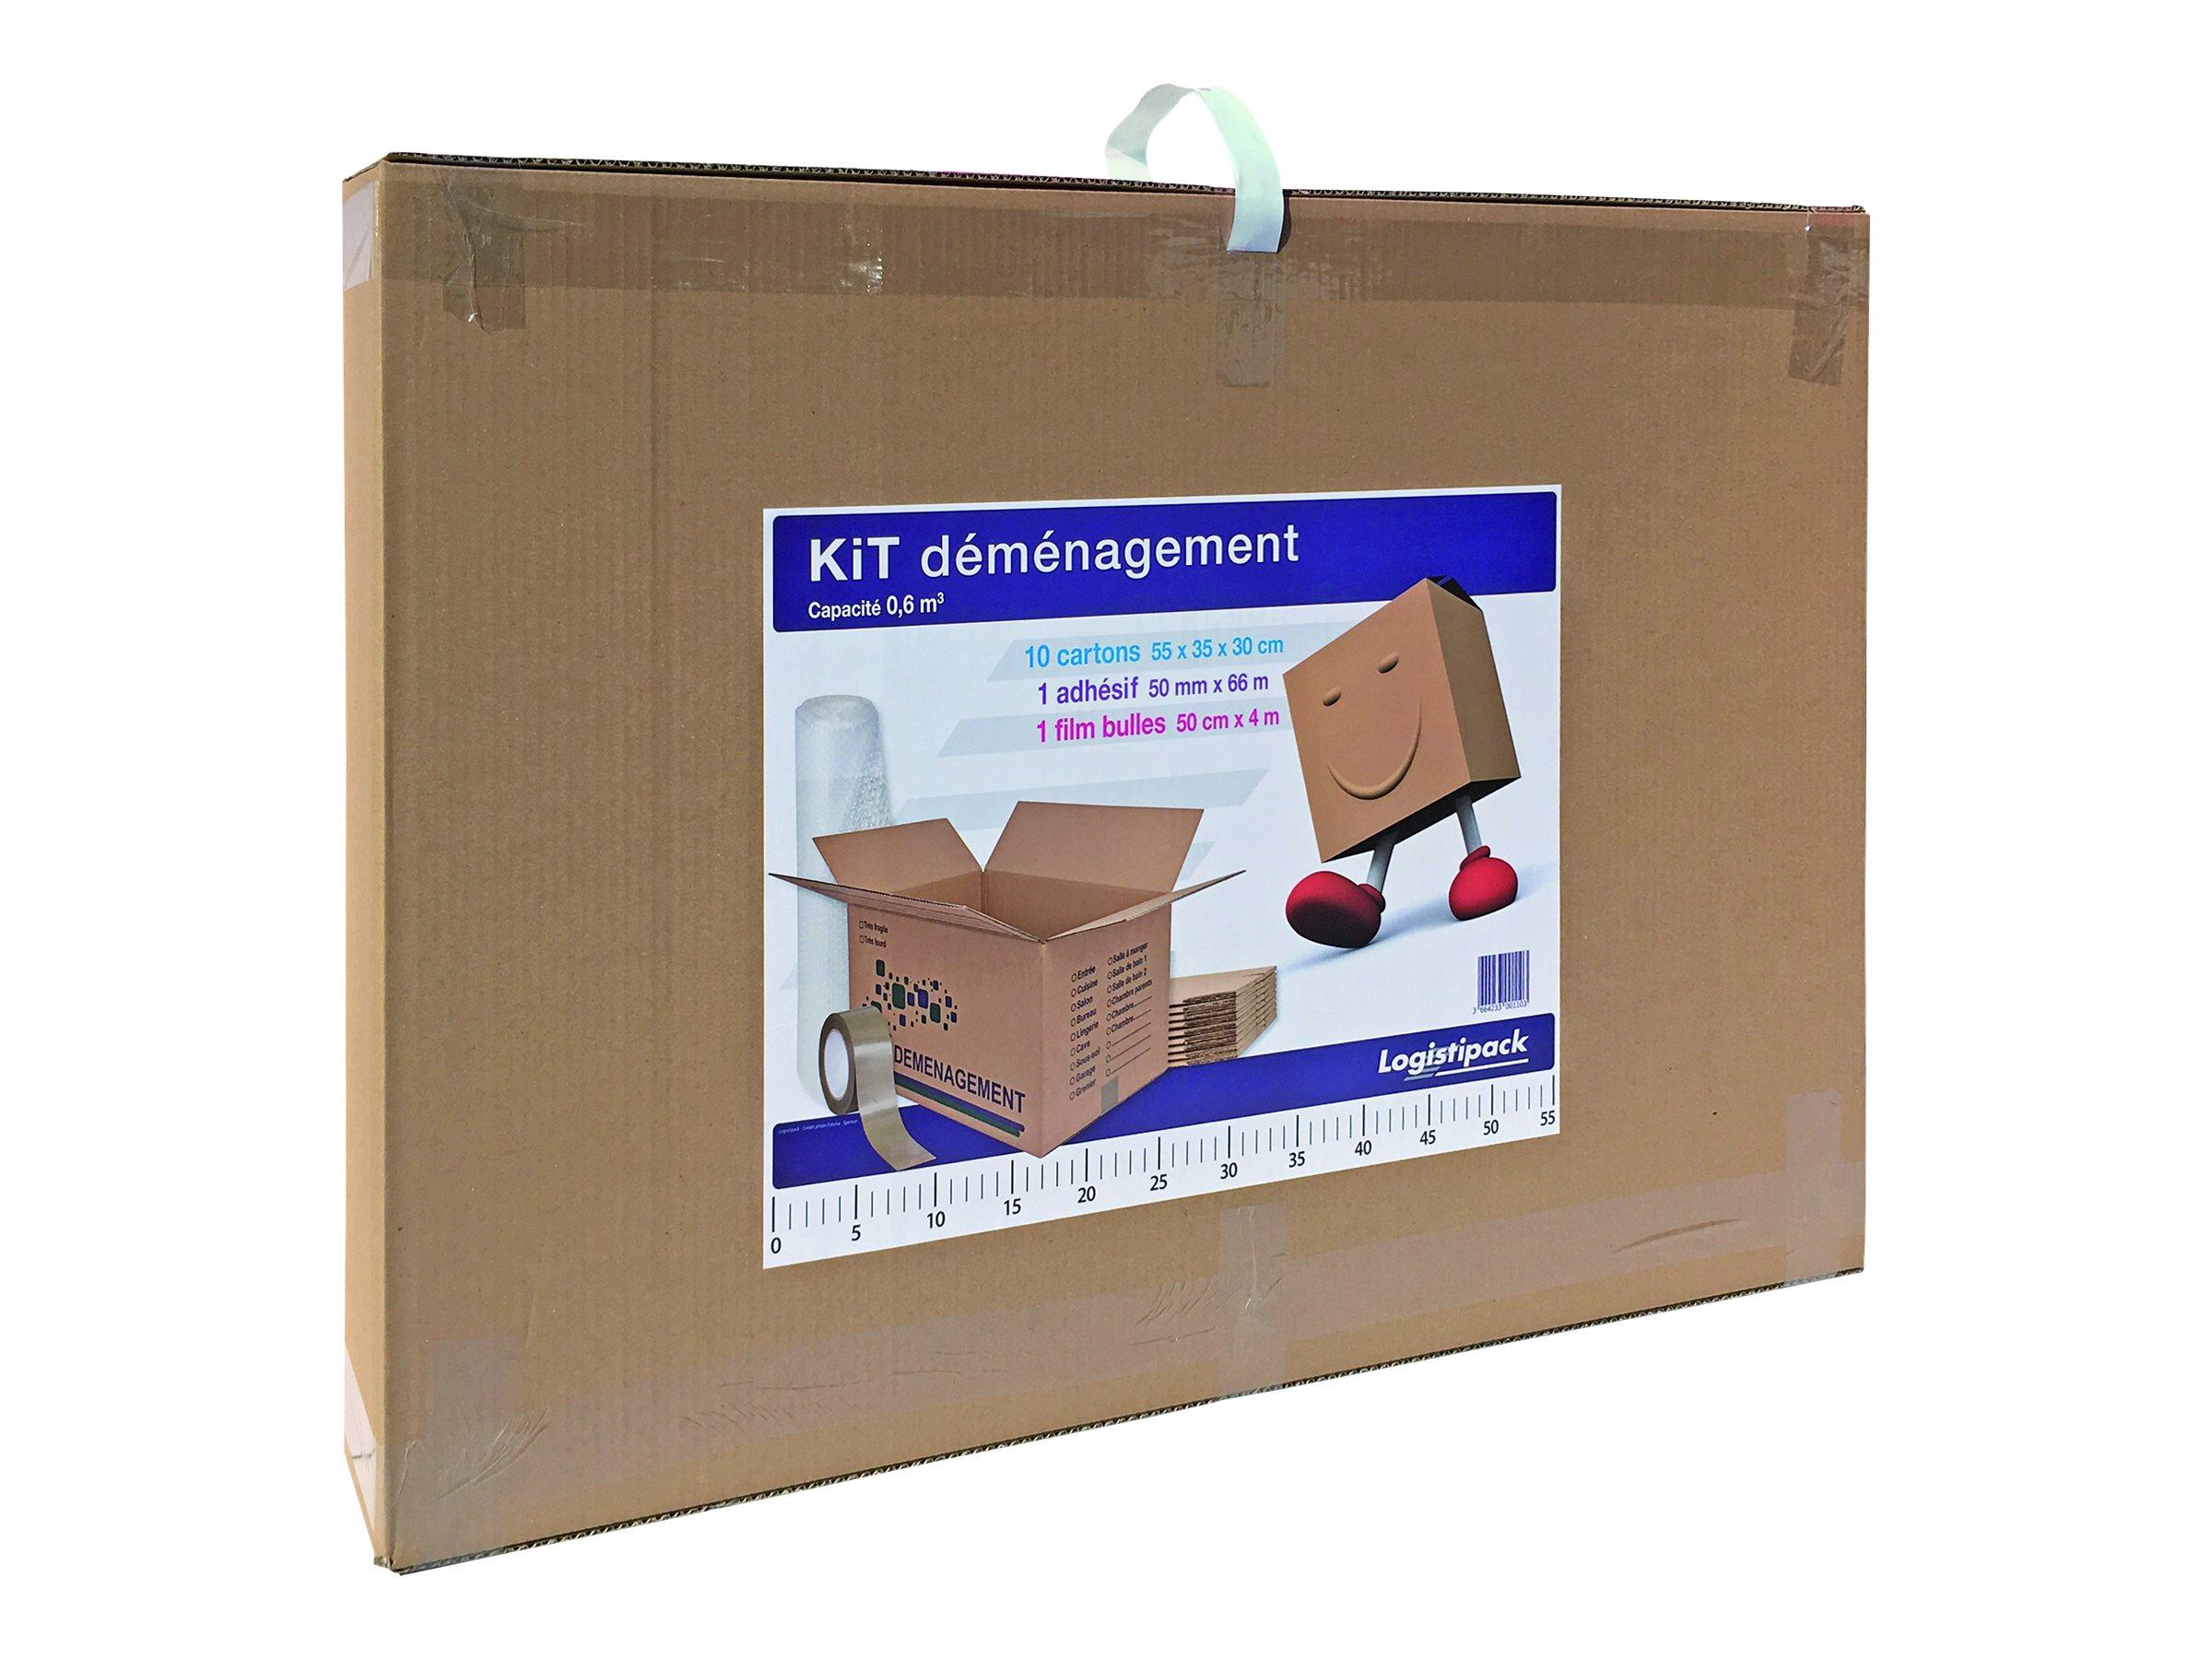 Logistipack - Kit déménagement : 10 cartons + adhésif + film bulle